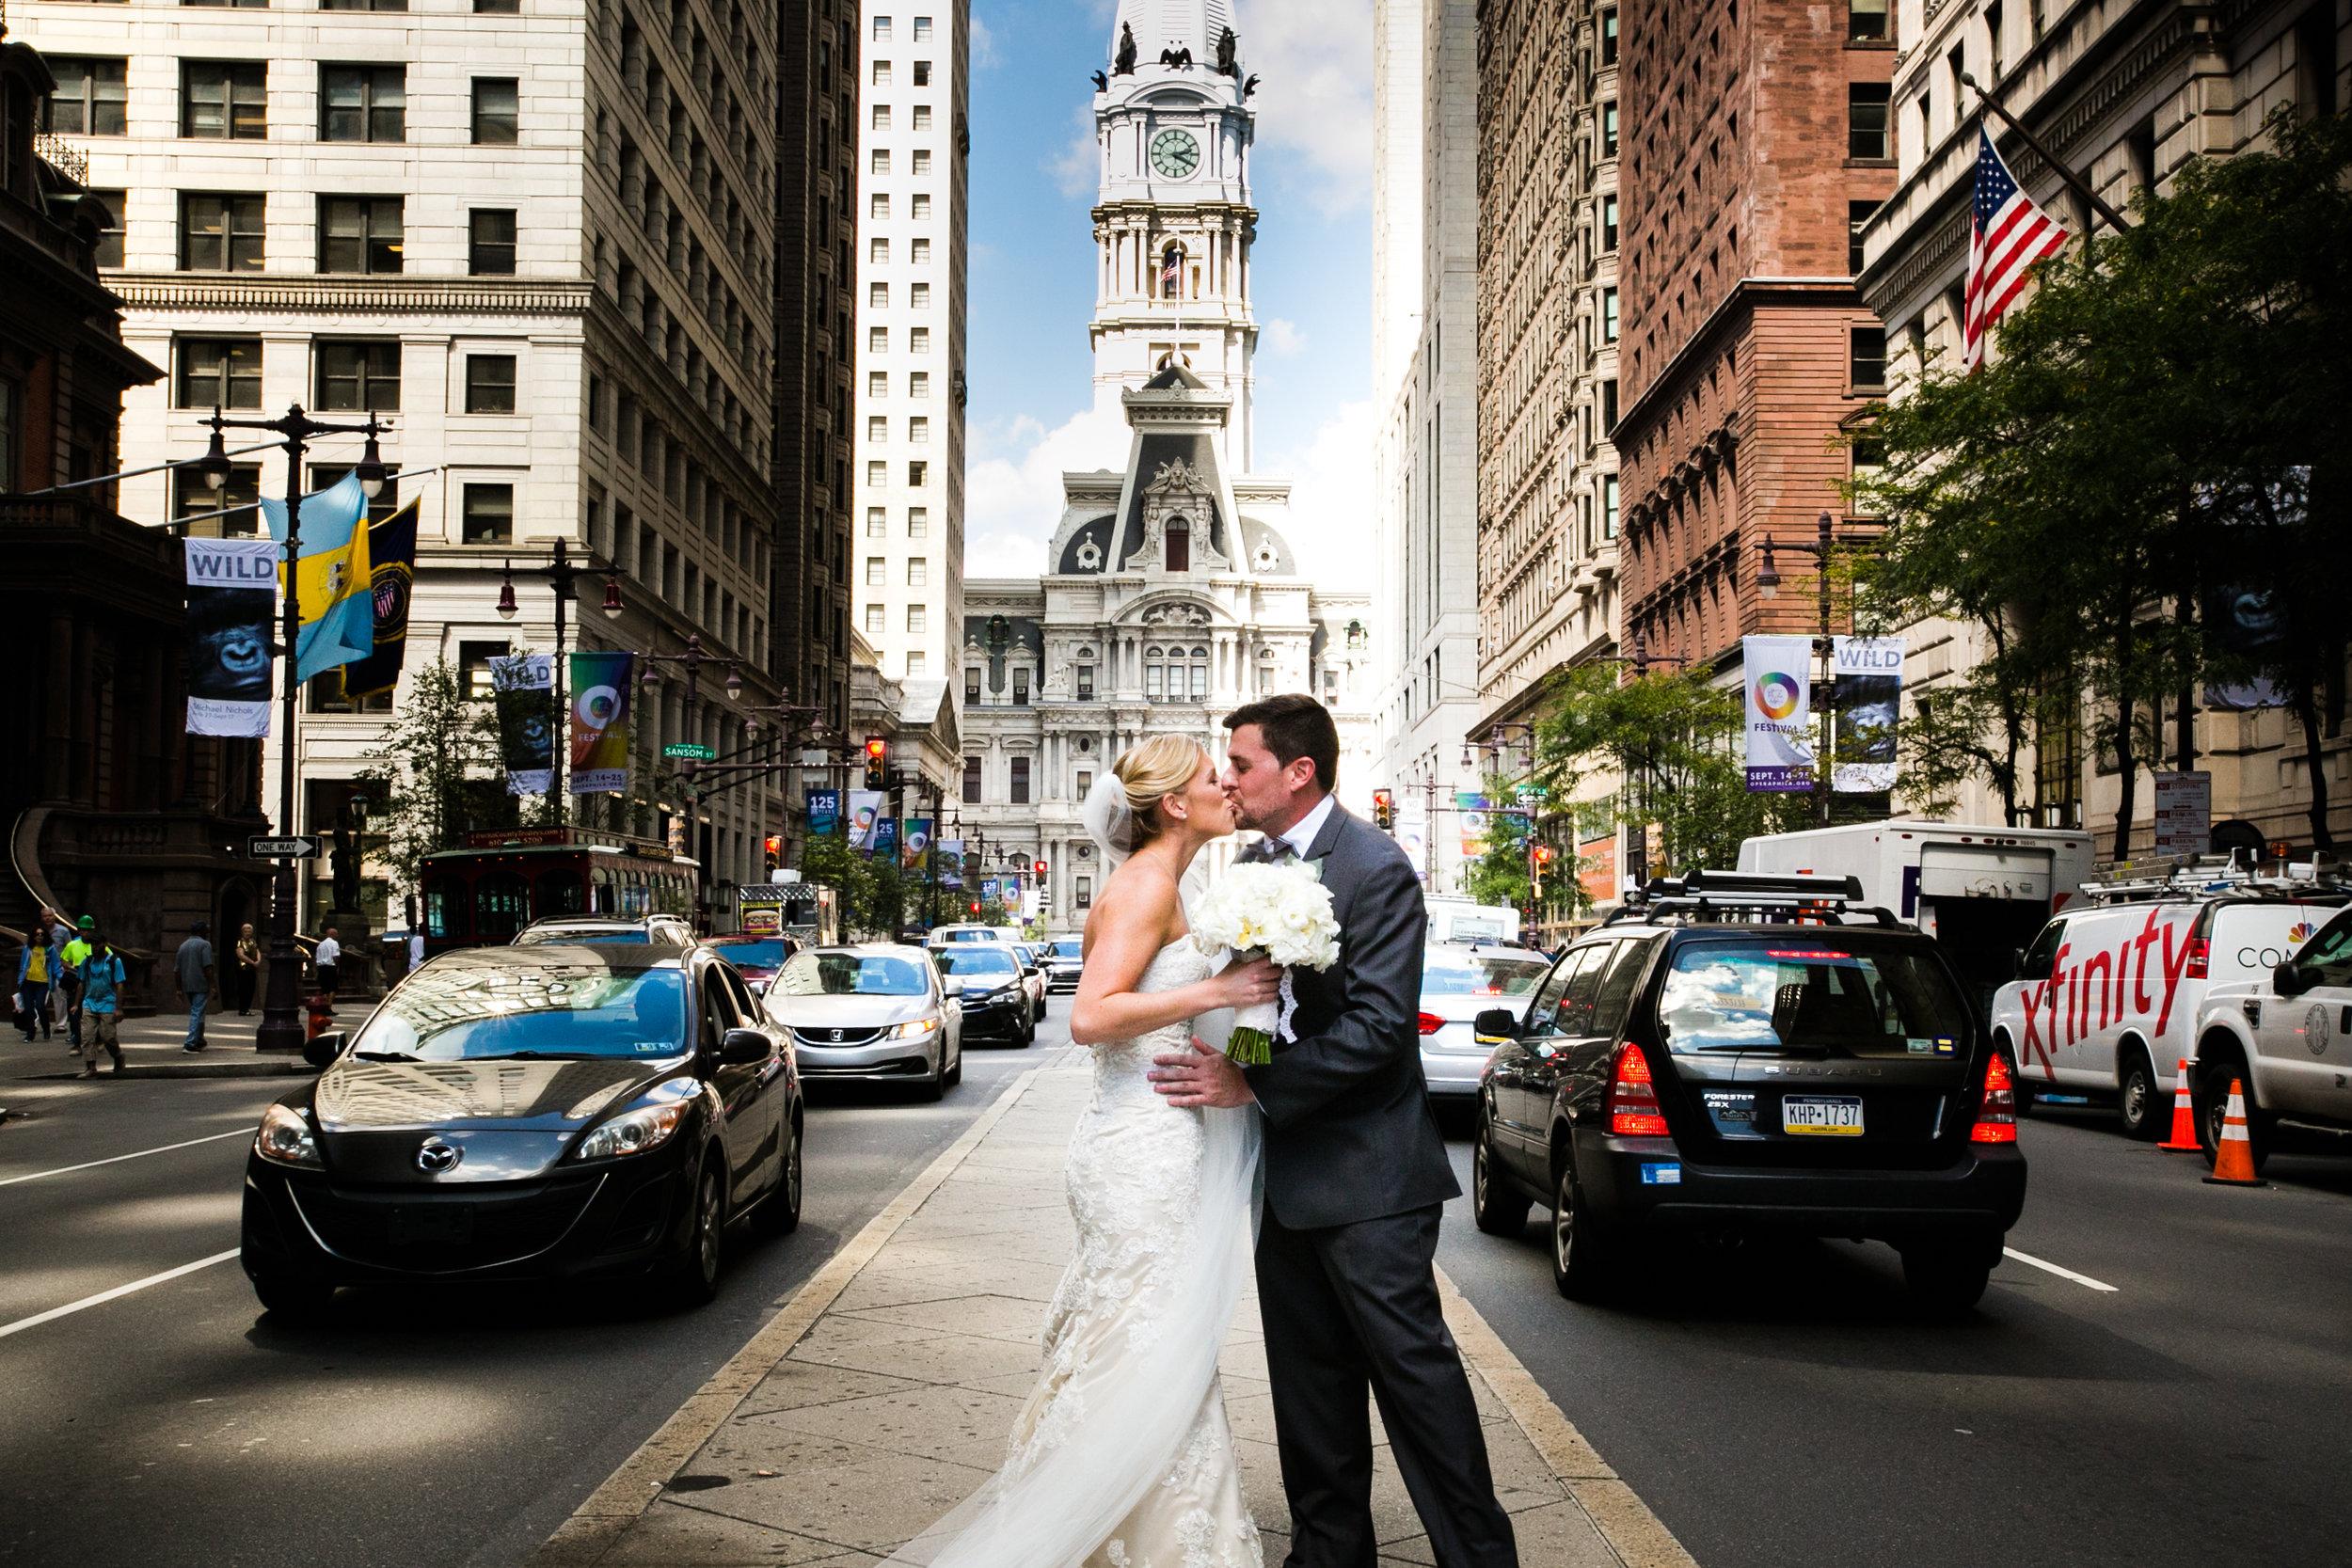 TENDENZA FISHTOWN PHILADELPHIA WEDDING - 057.jpg